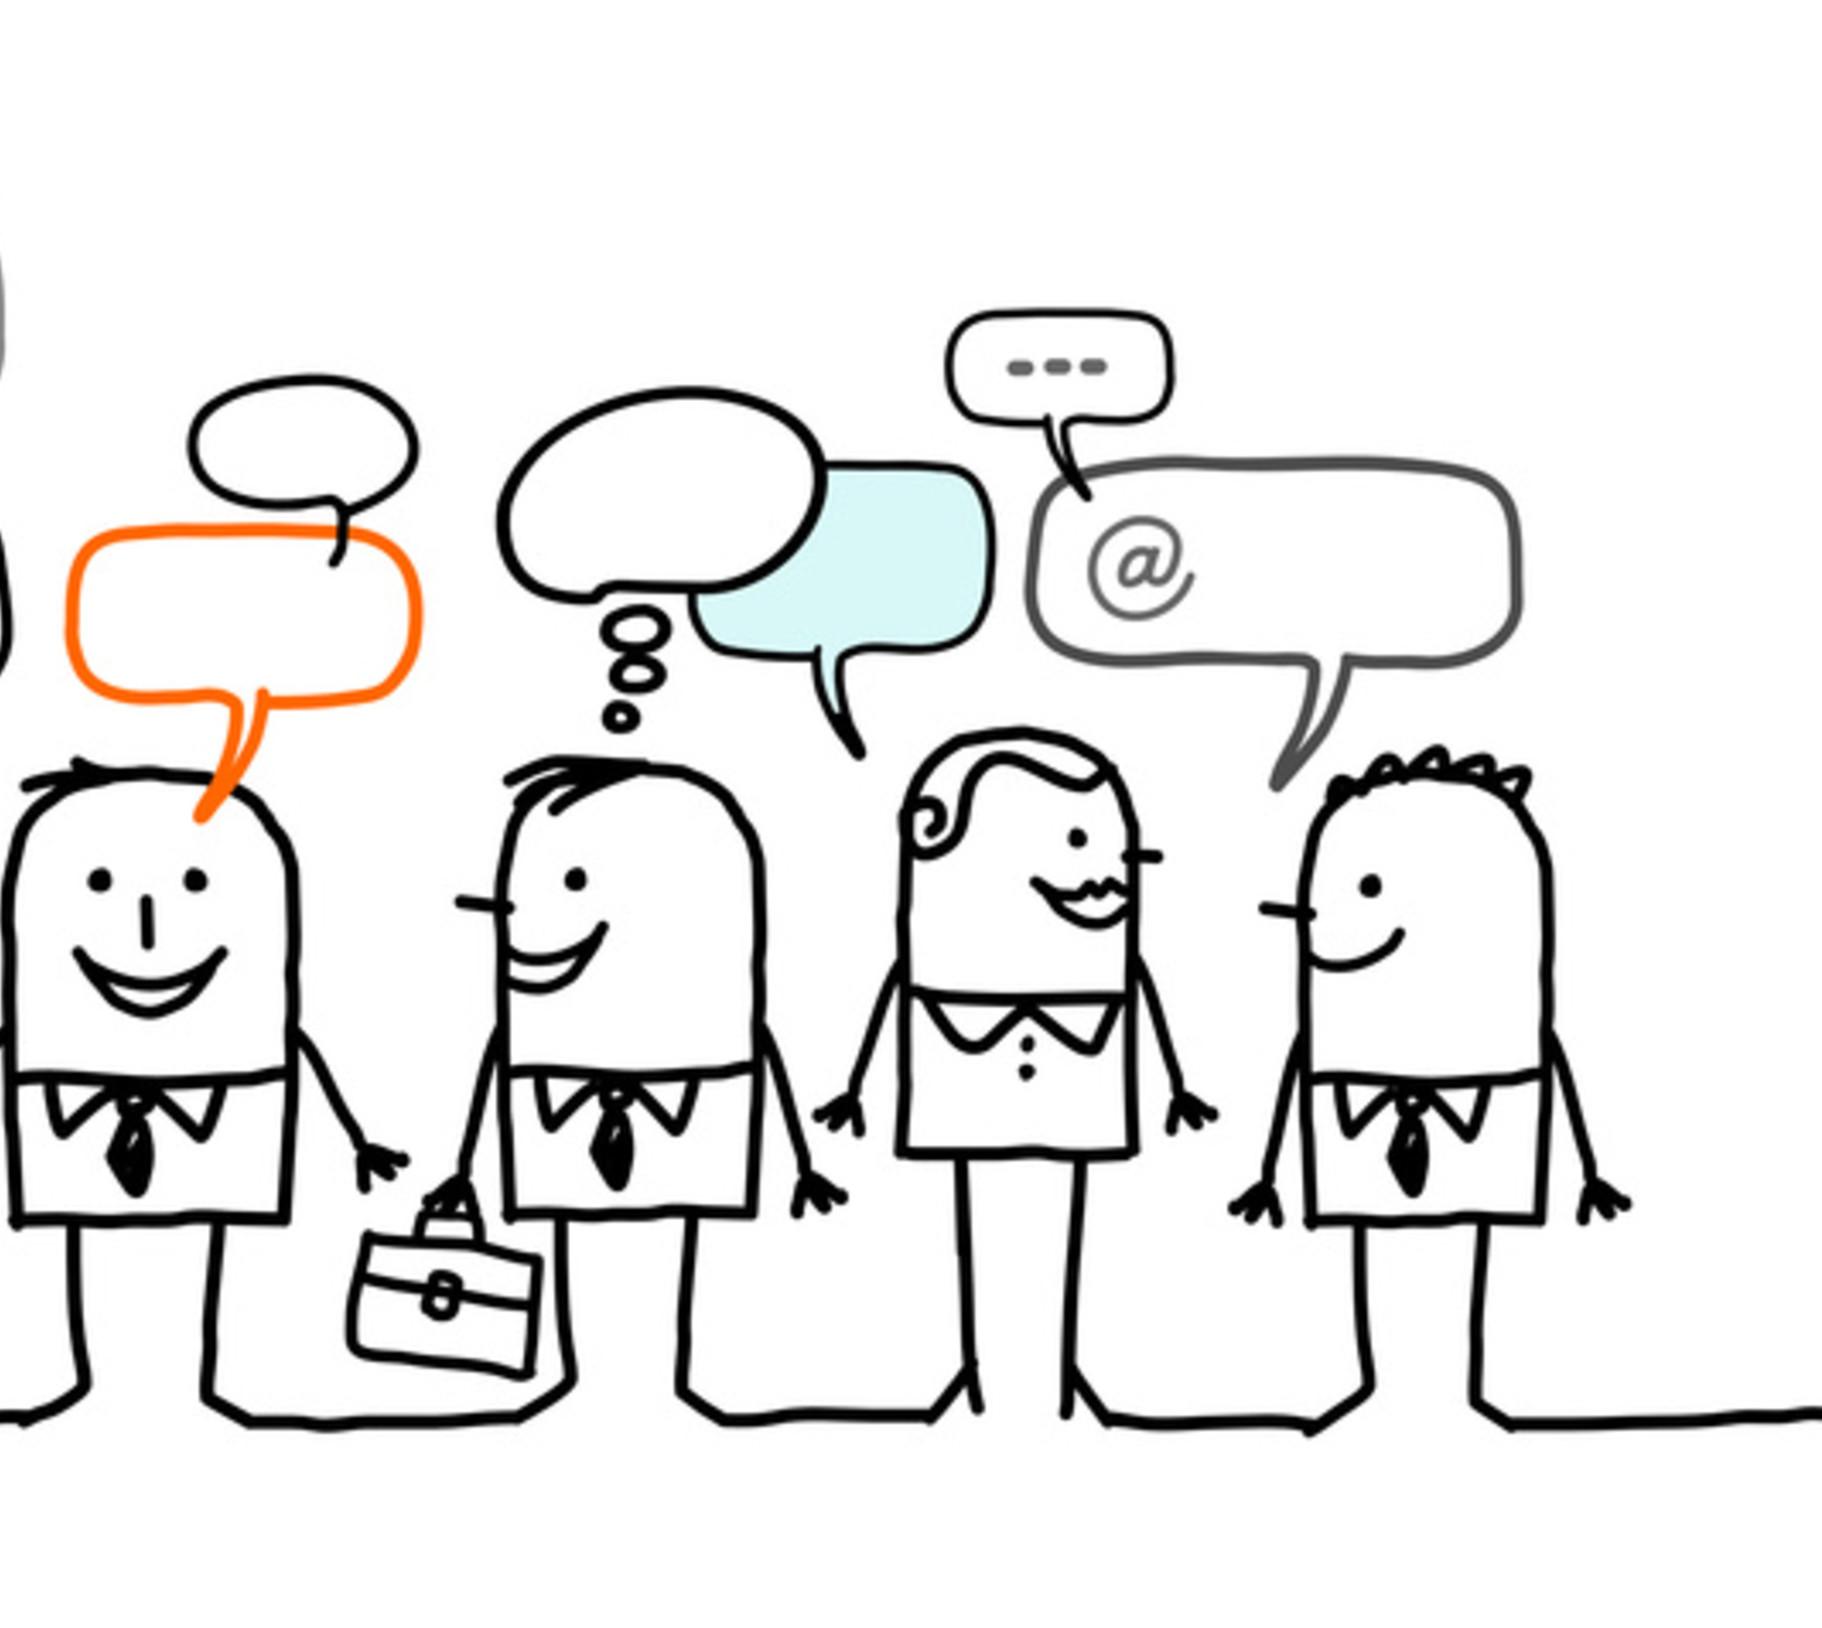 Parties liée Communication interne RéseauCom86